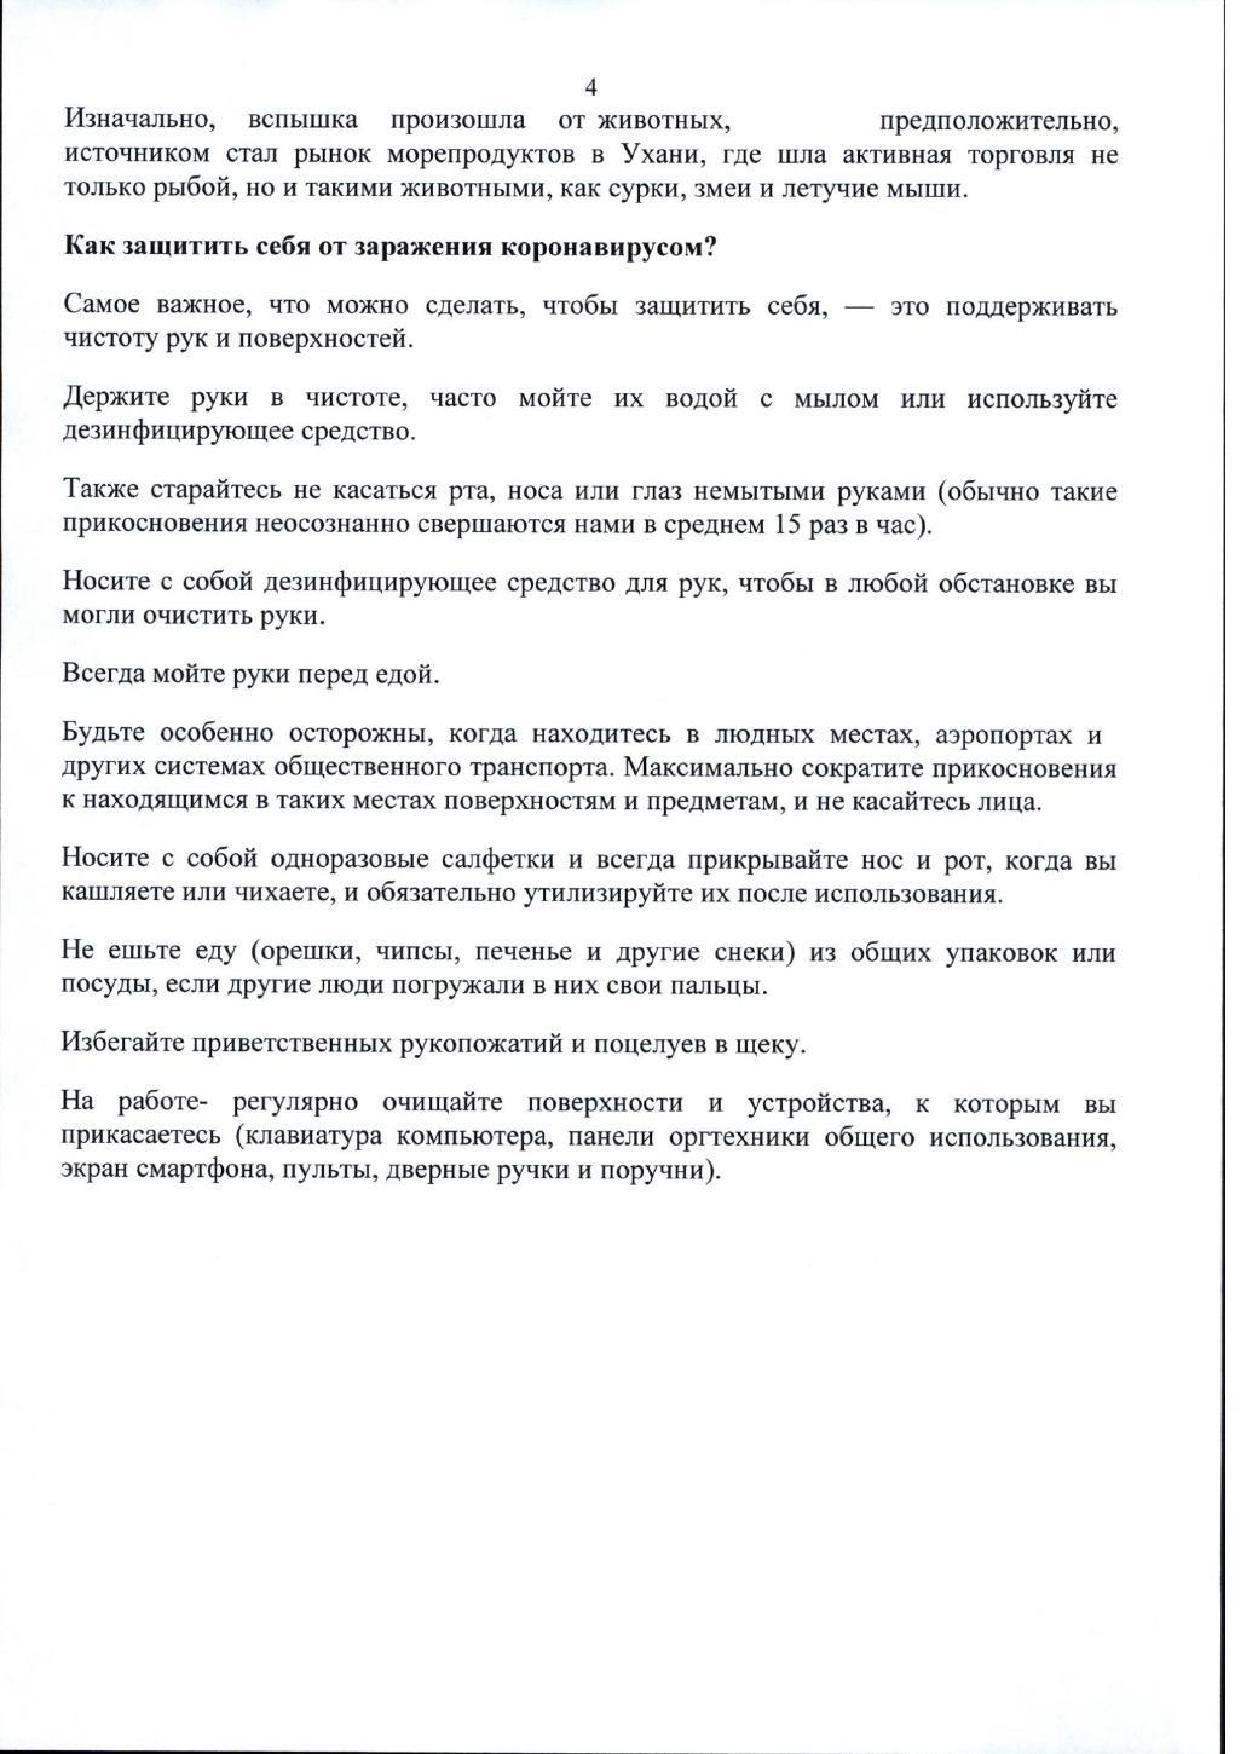 Page_00004f62bc3b3e46c074e.jpg